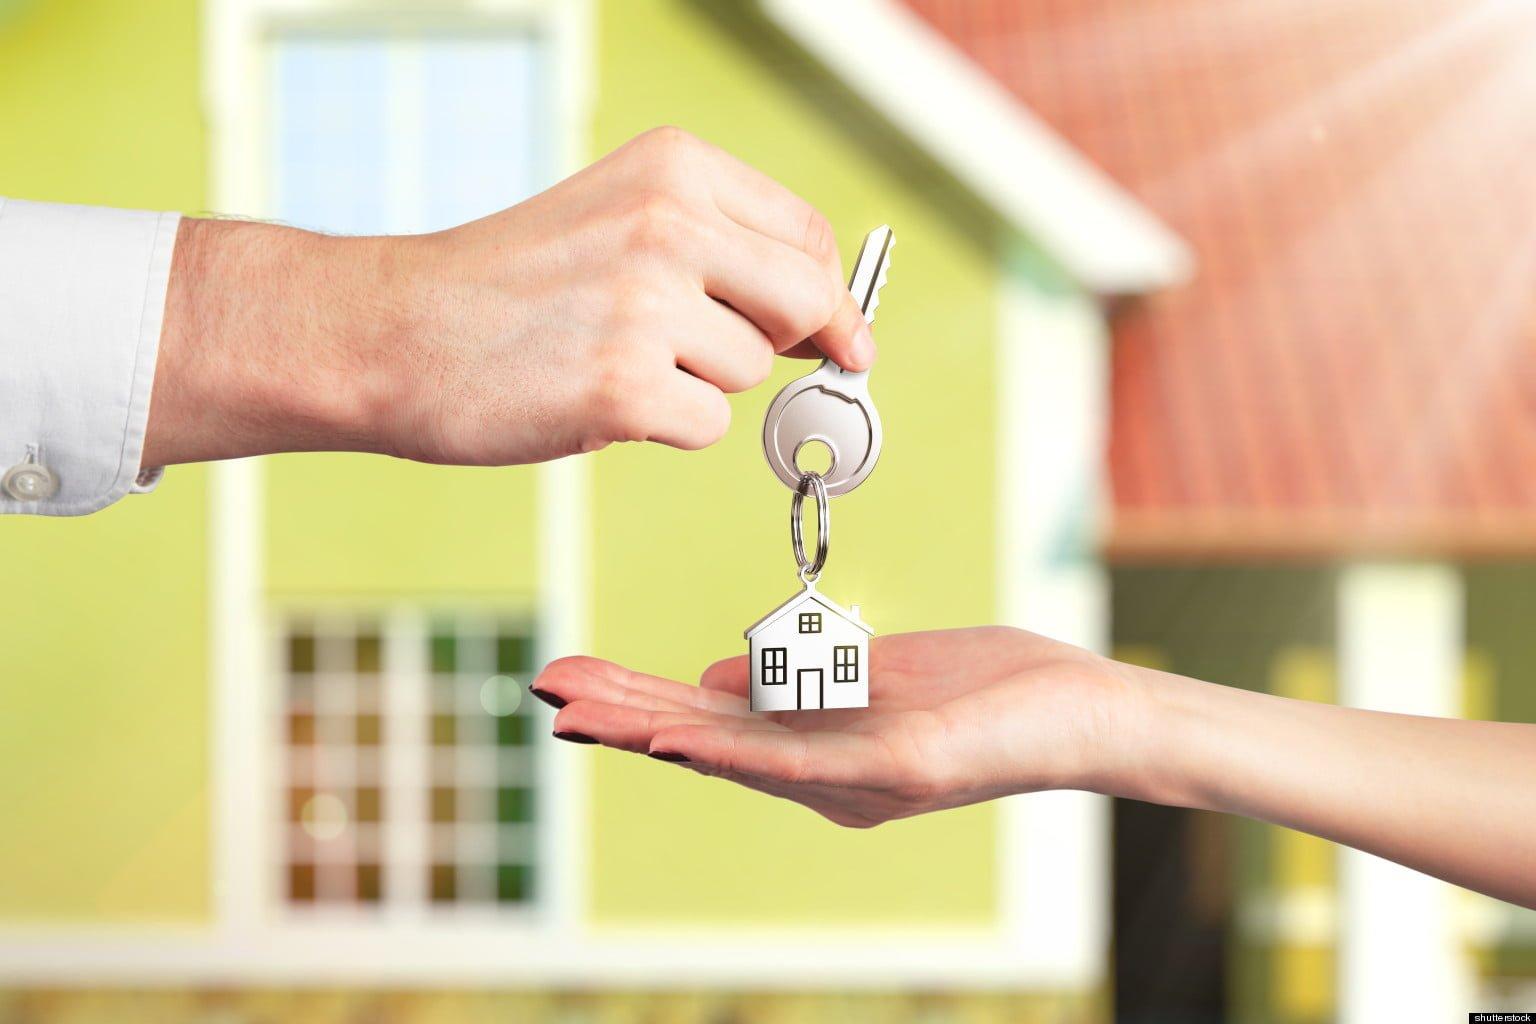 Mangel ved boligkjøp